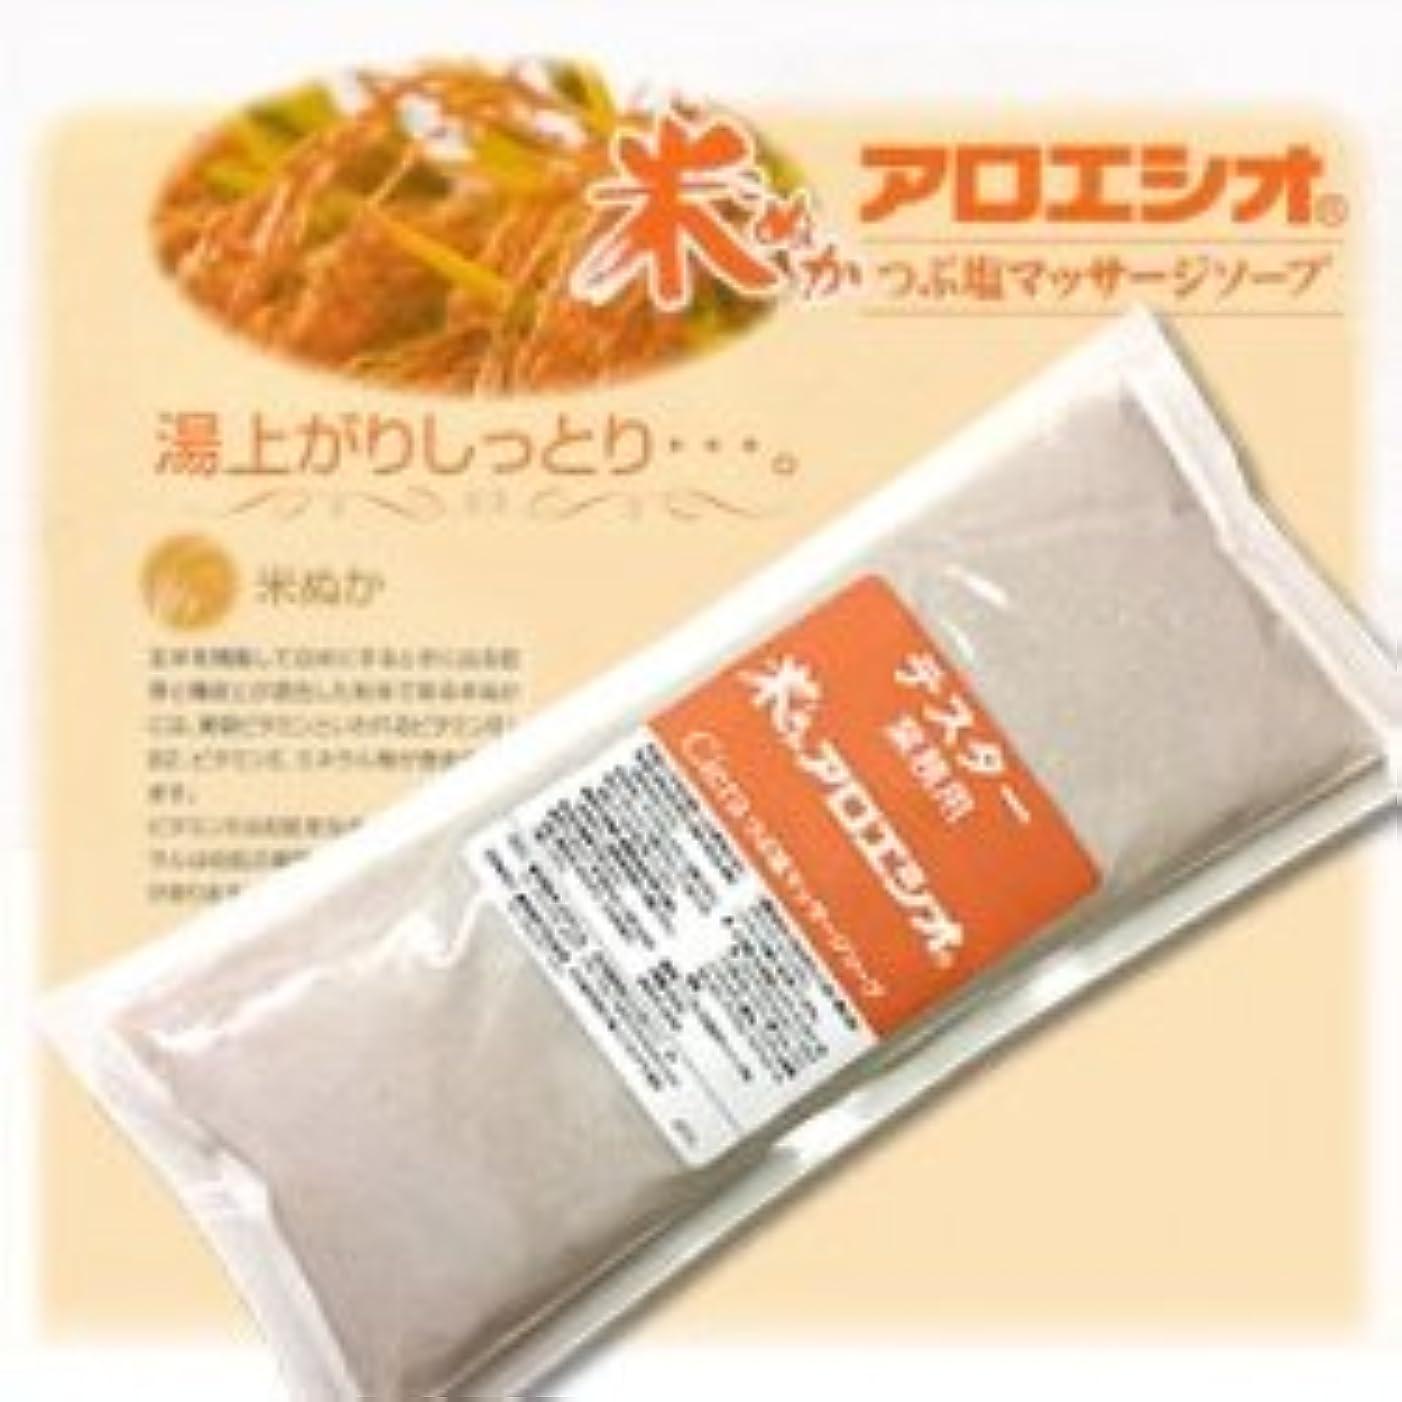 計り知れない大きなスケールで見るとラップトップ業務用米ぬかアロエ塩 800g つぶ塩マッサージソープ/ フタバ化学 アロエシオ Ciera